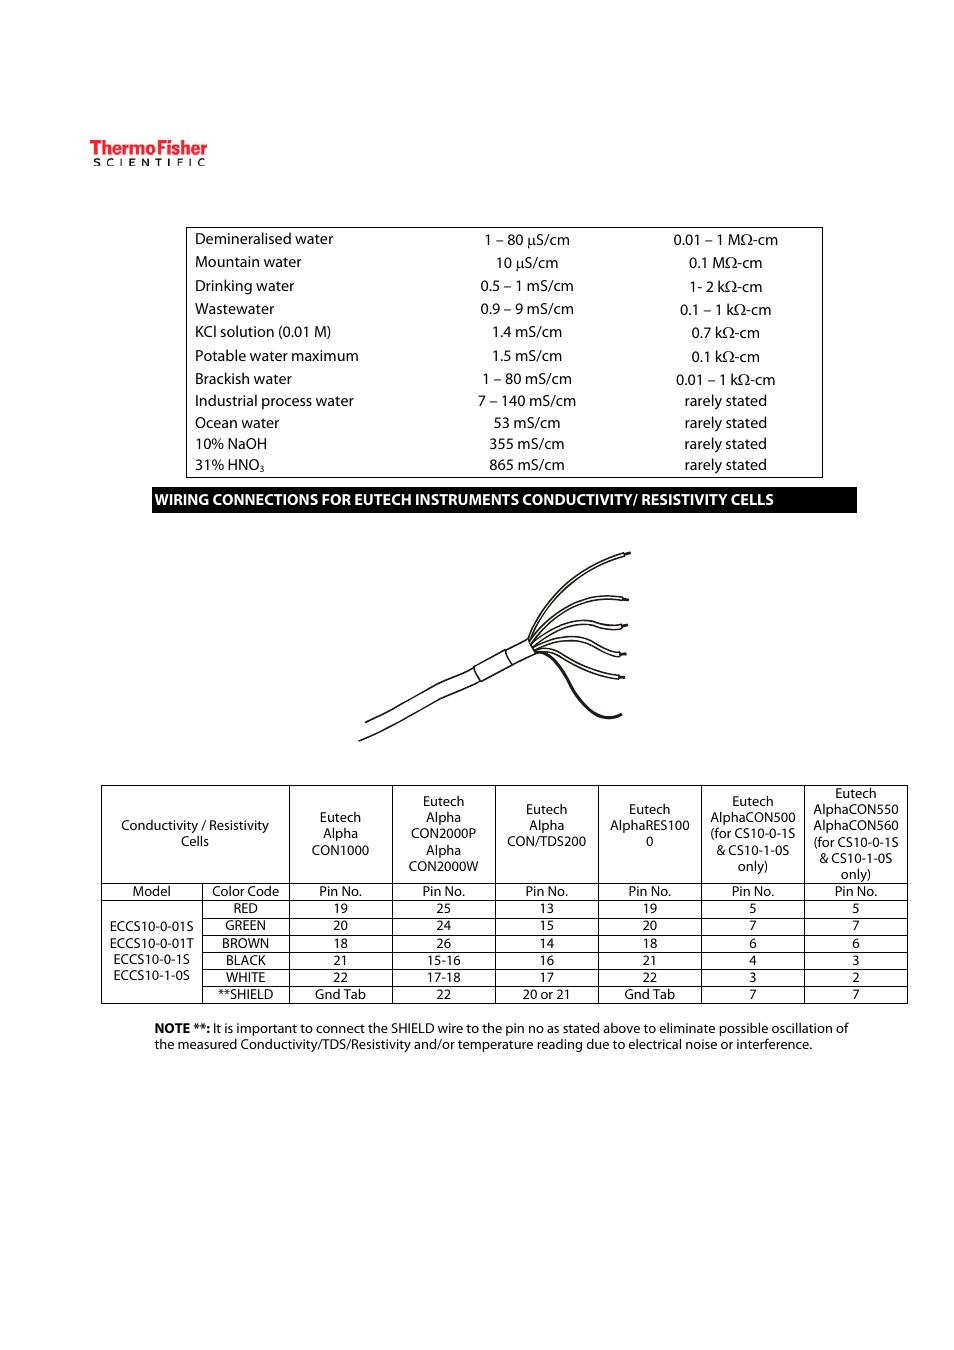 Thermo Fisher Scientific ECCS10-0-1S Conductivity